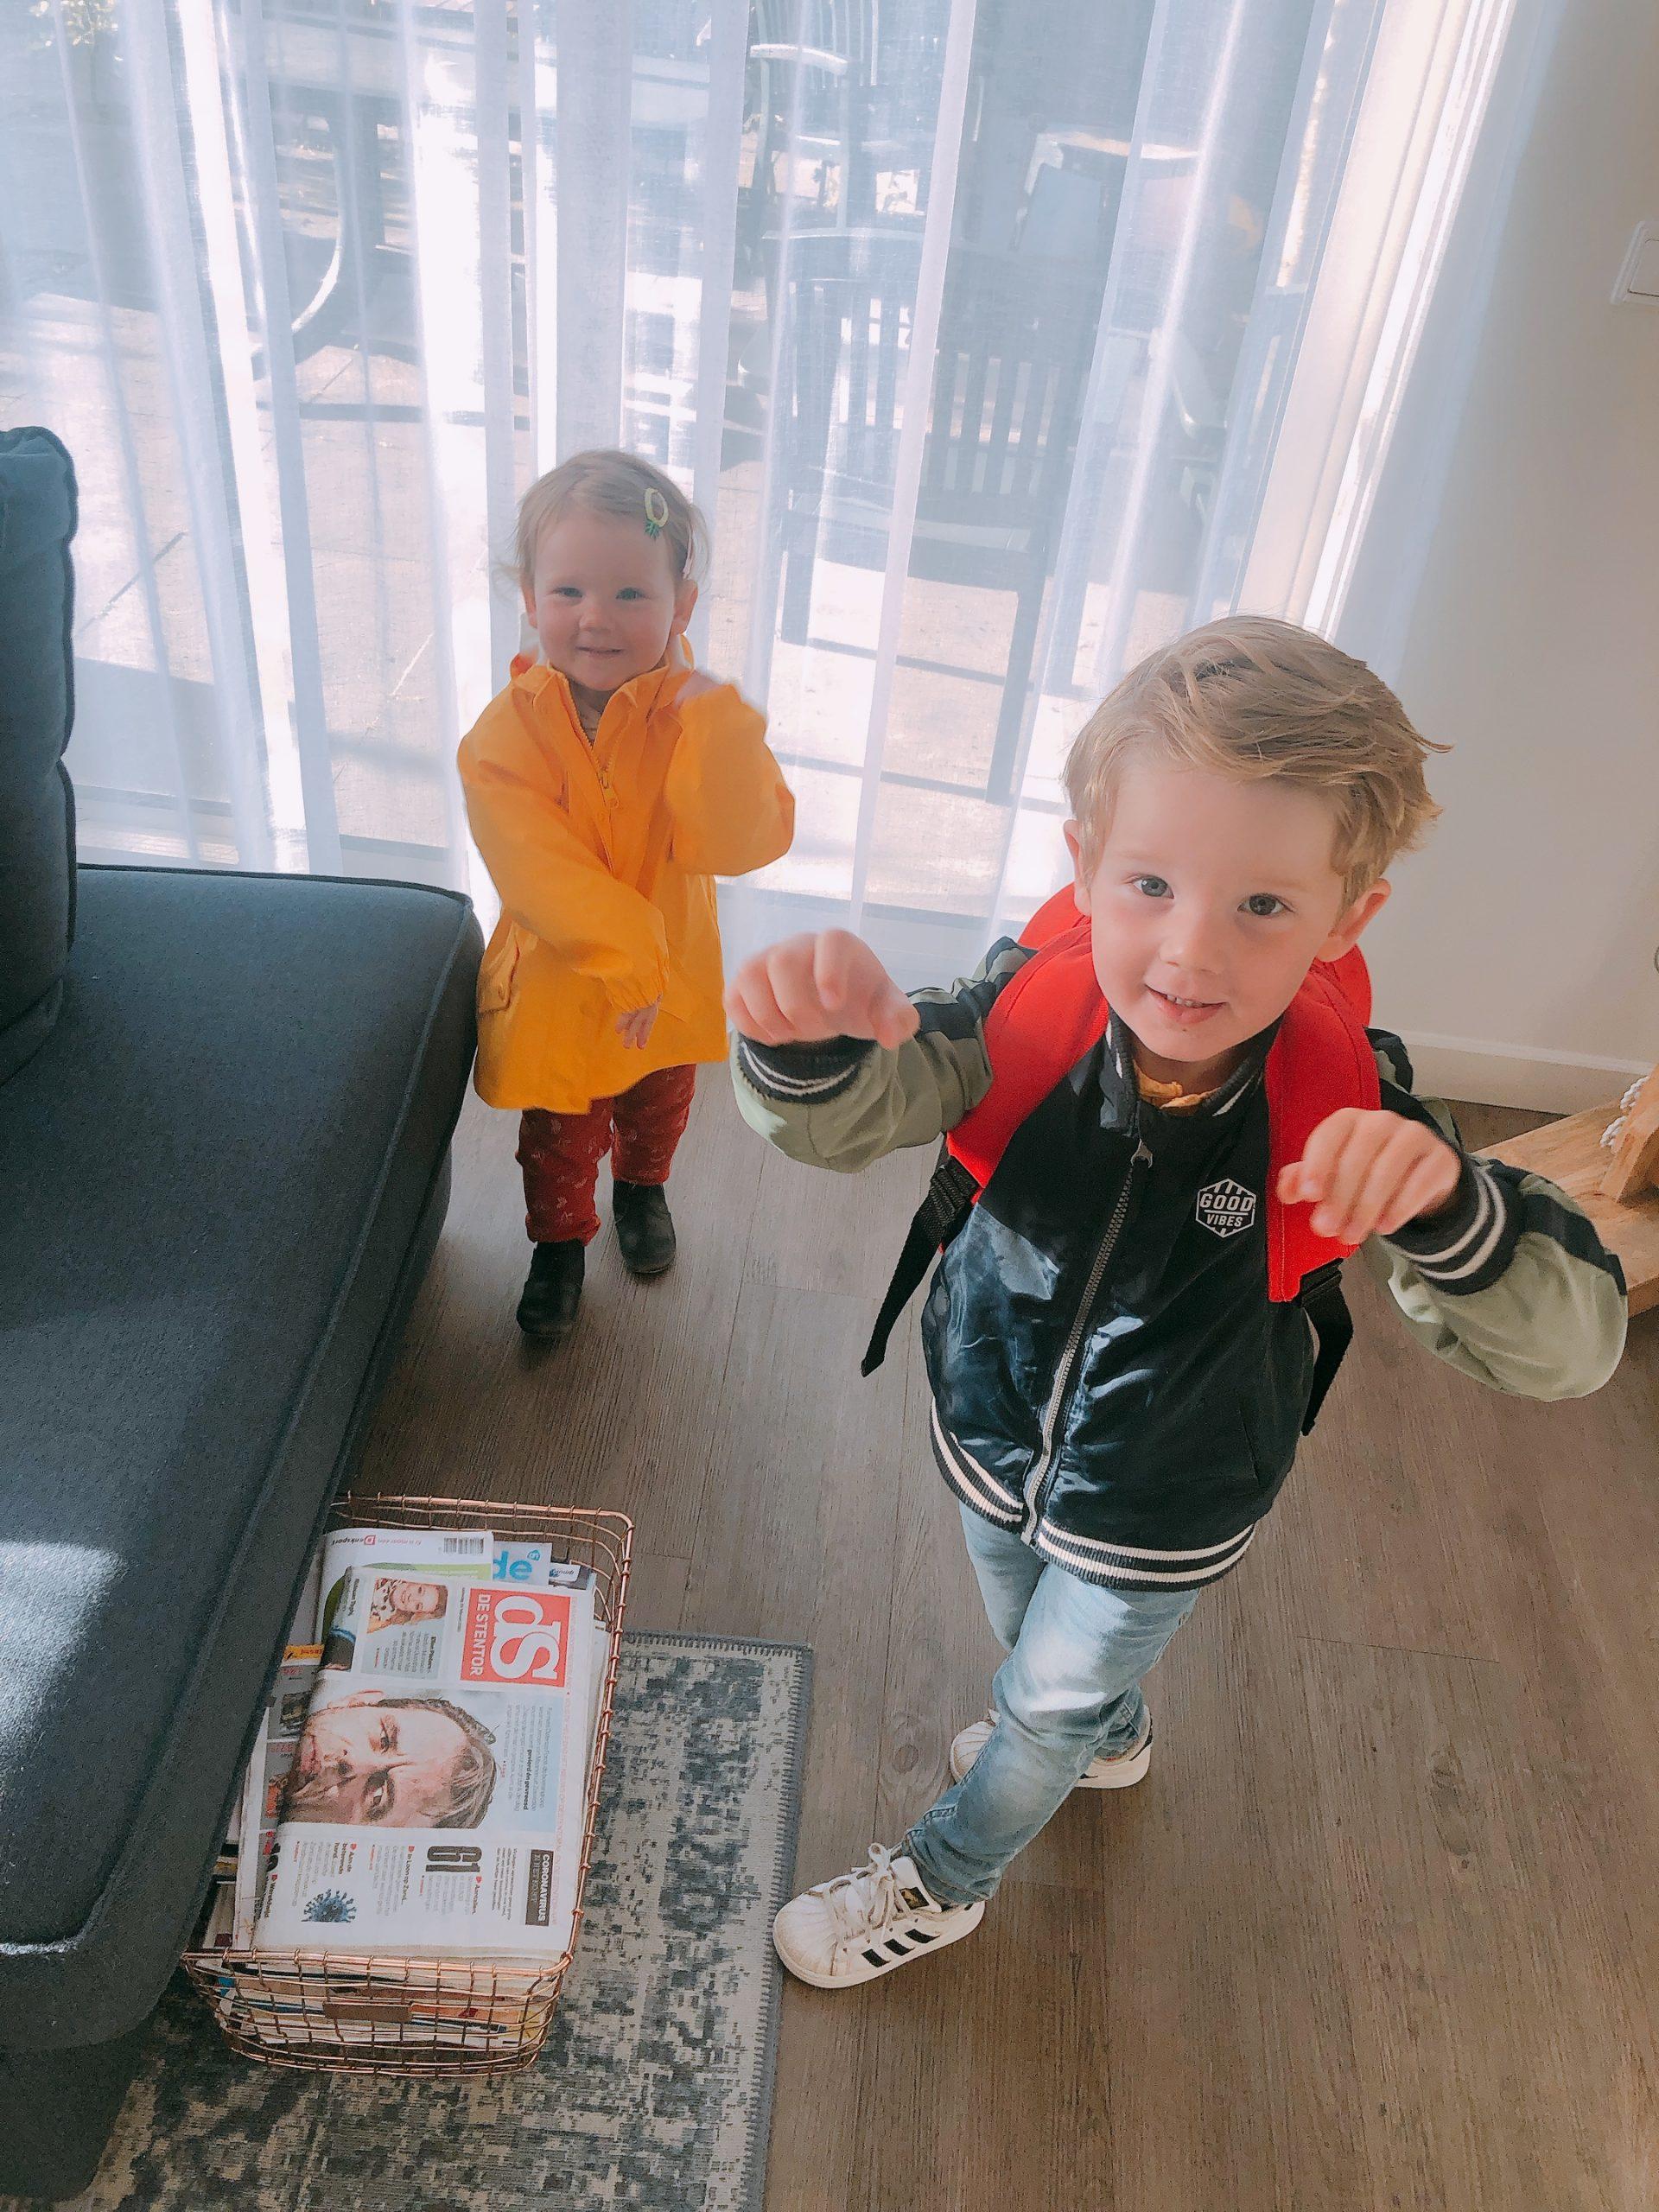 IMG 6819 scaled - Elise's Weekly Pictorama #32 - Moederdag vieren & kindjes terug naar school!